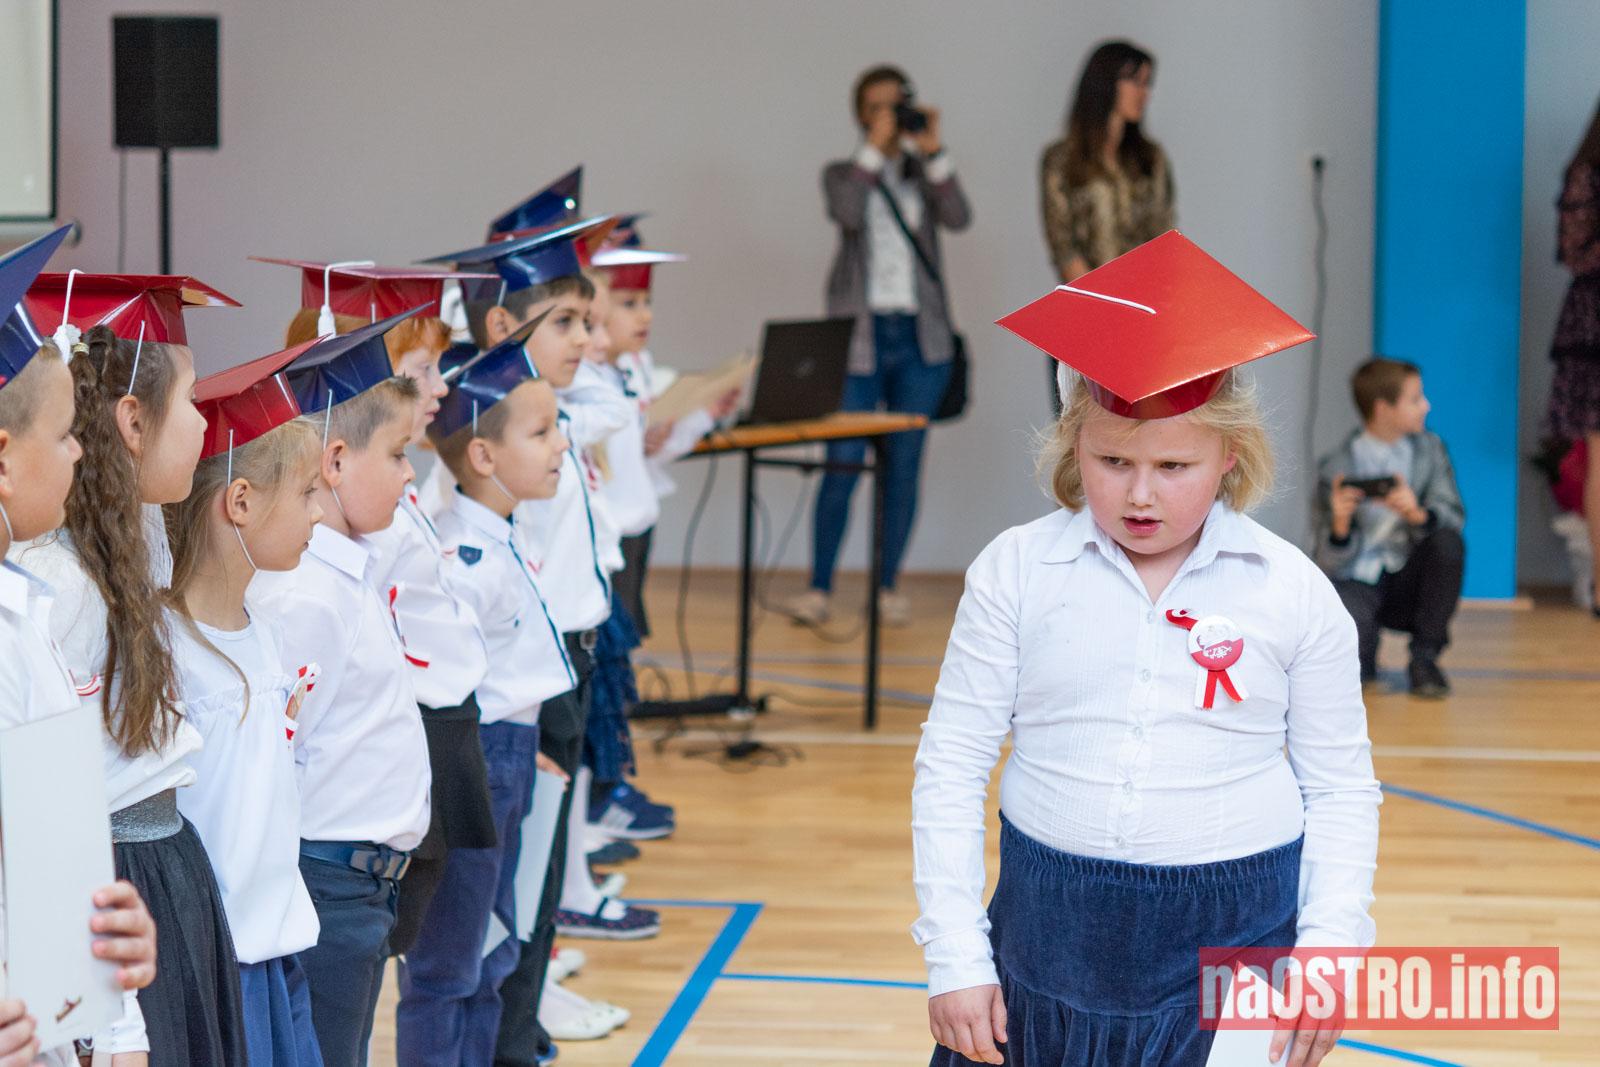 NaOSTRO Otwarcie Szkoły w Bałtowie-162